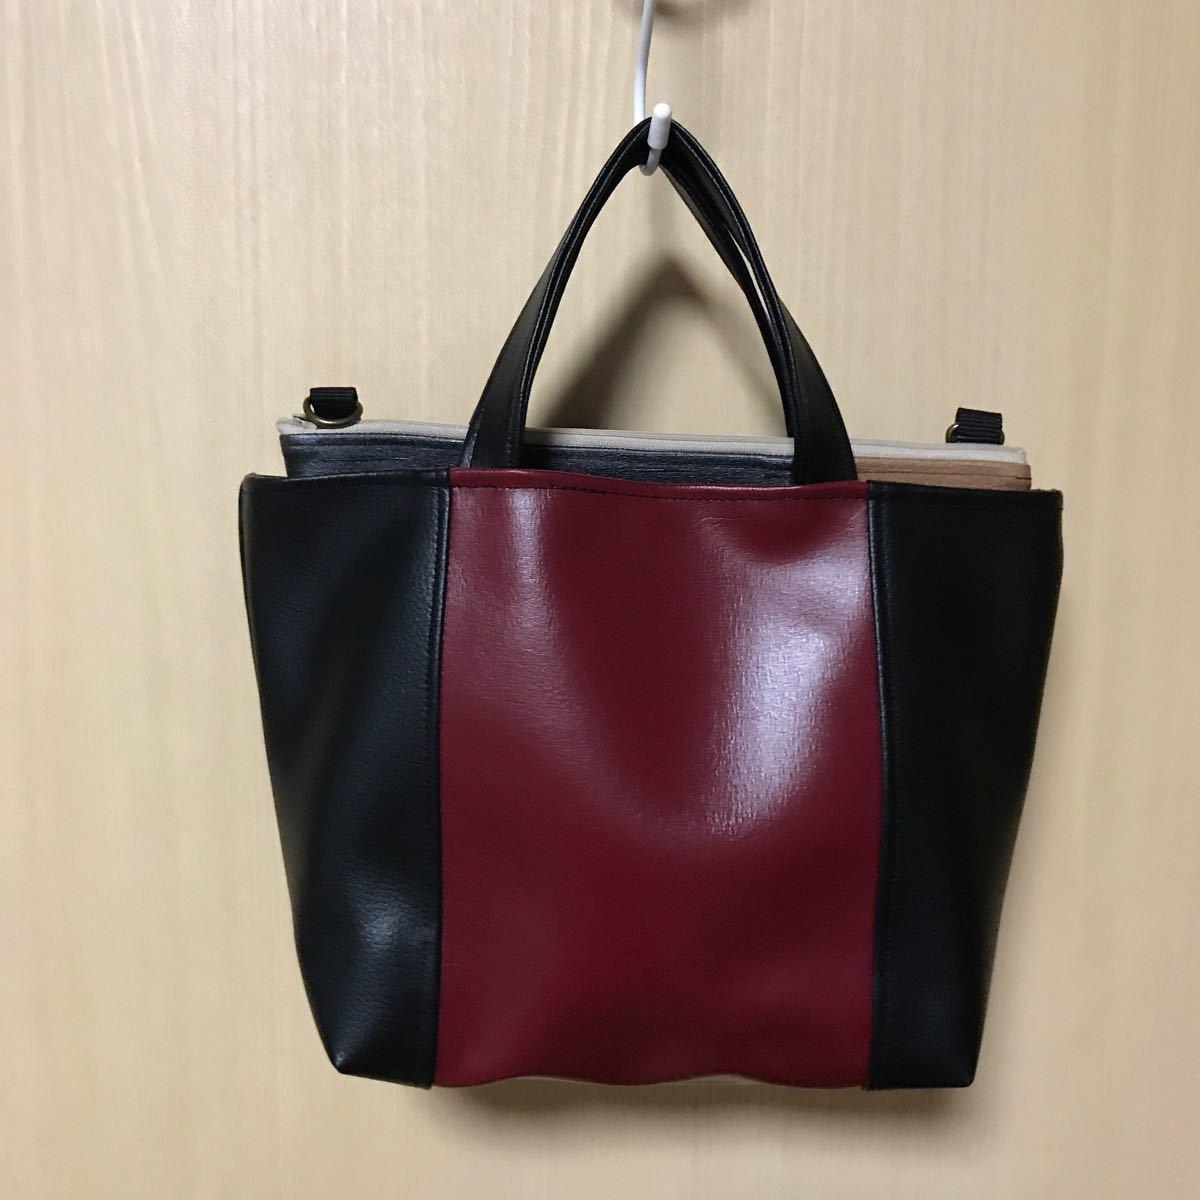 1  ハンドメイド 合皮のハンドバッグ トートバッグ